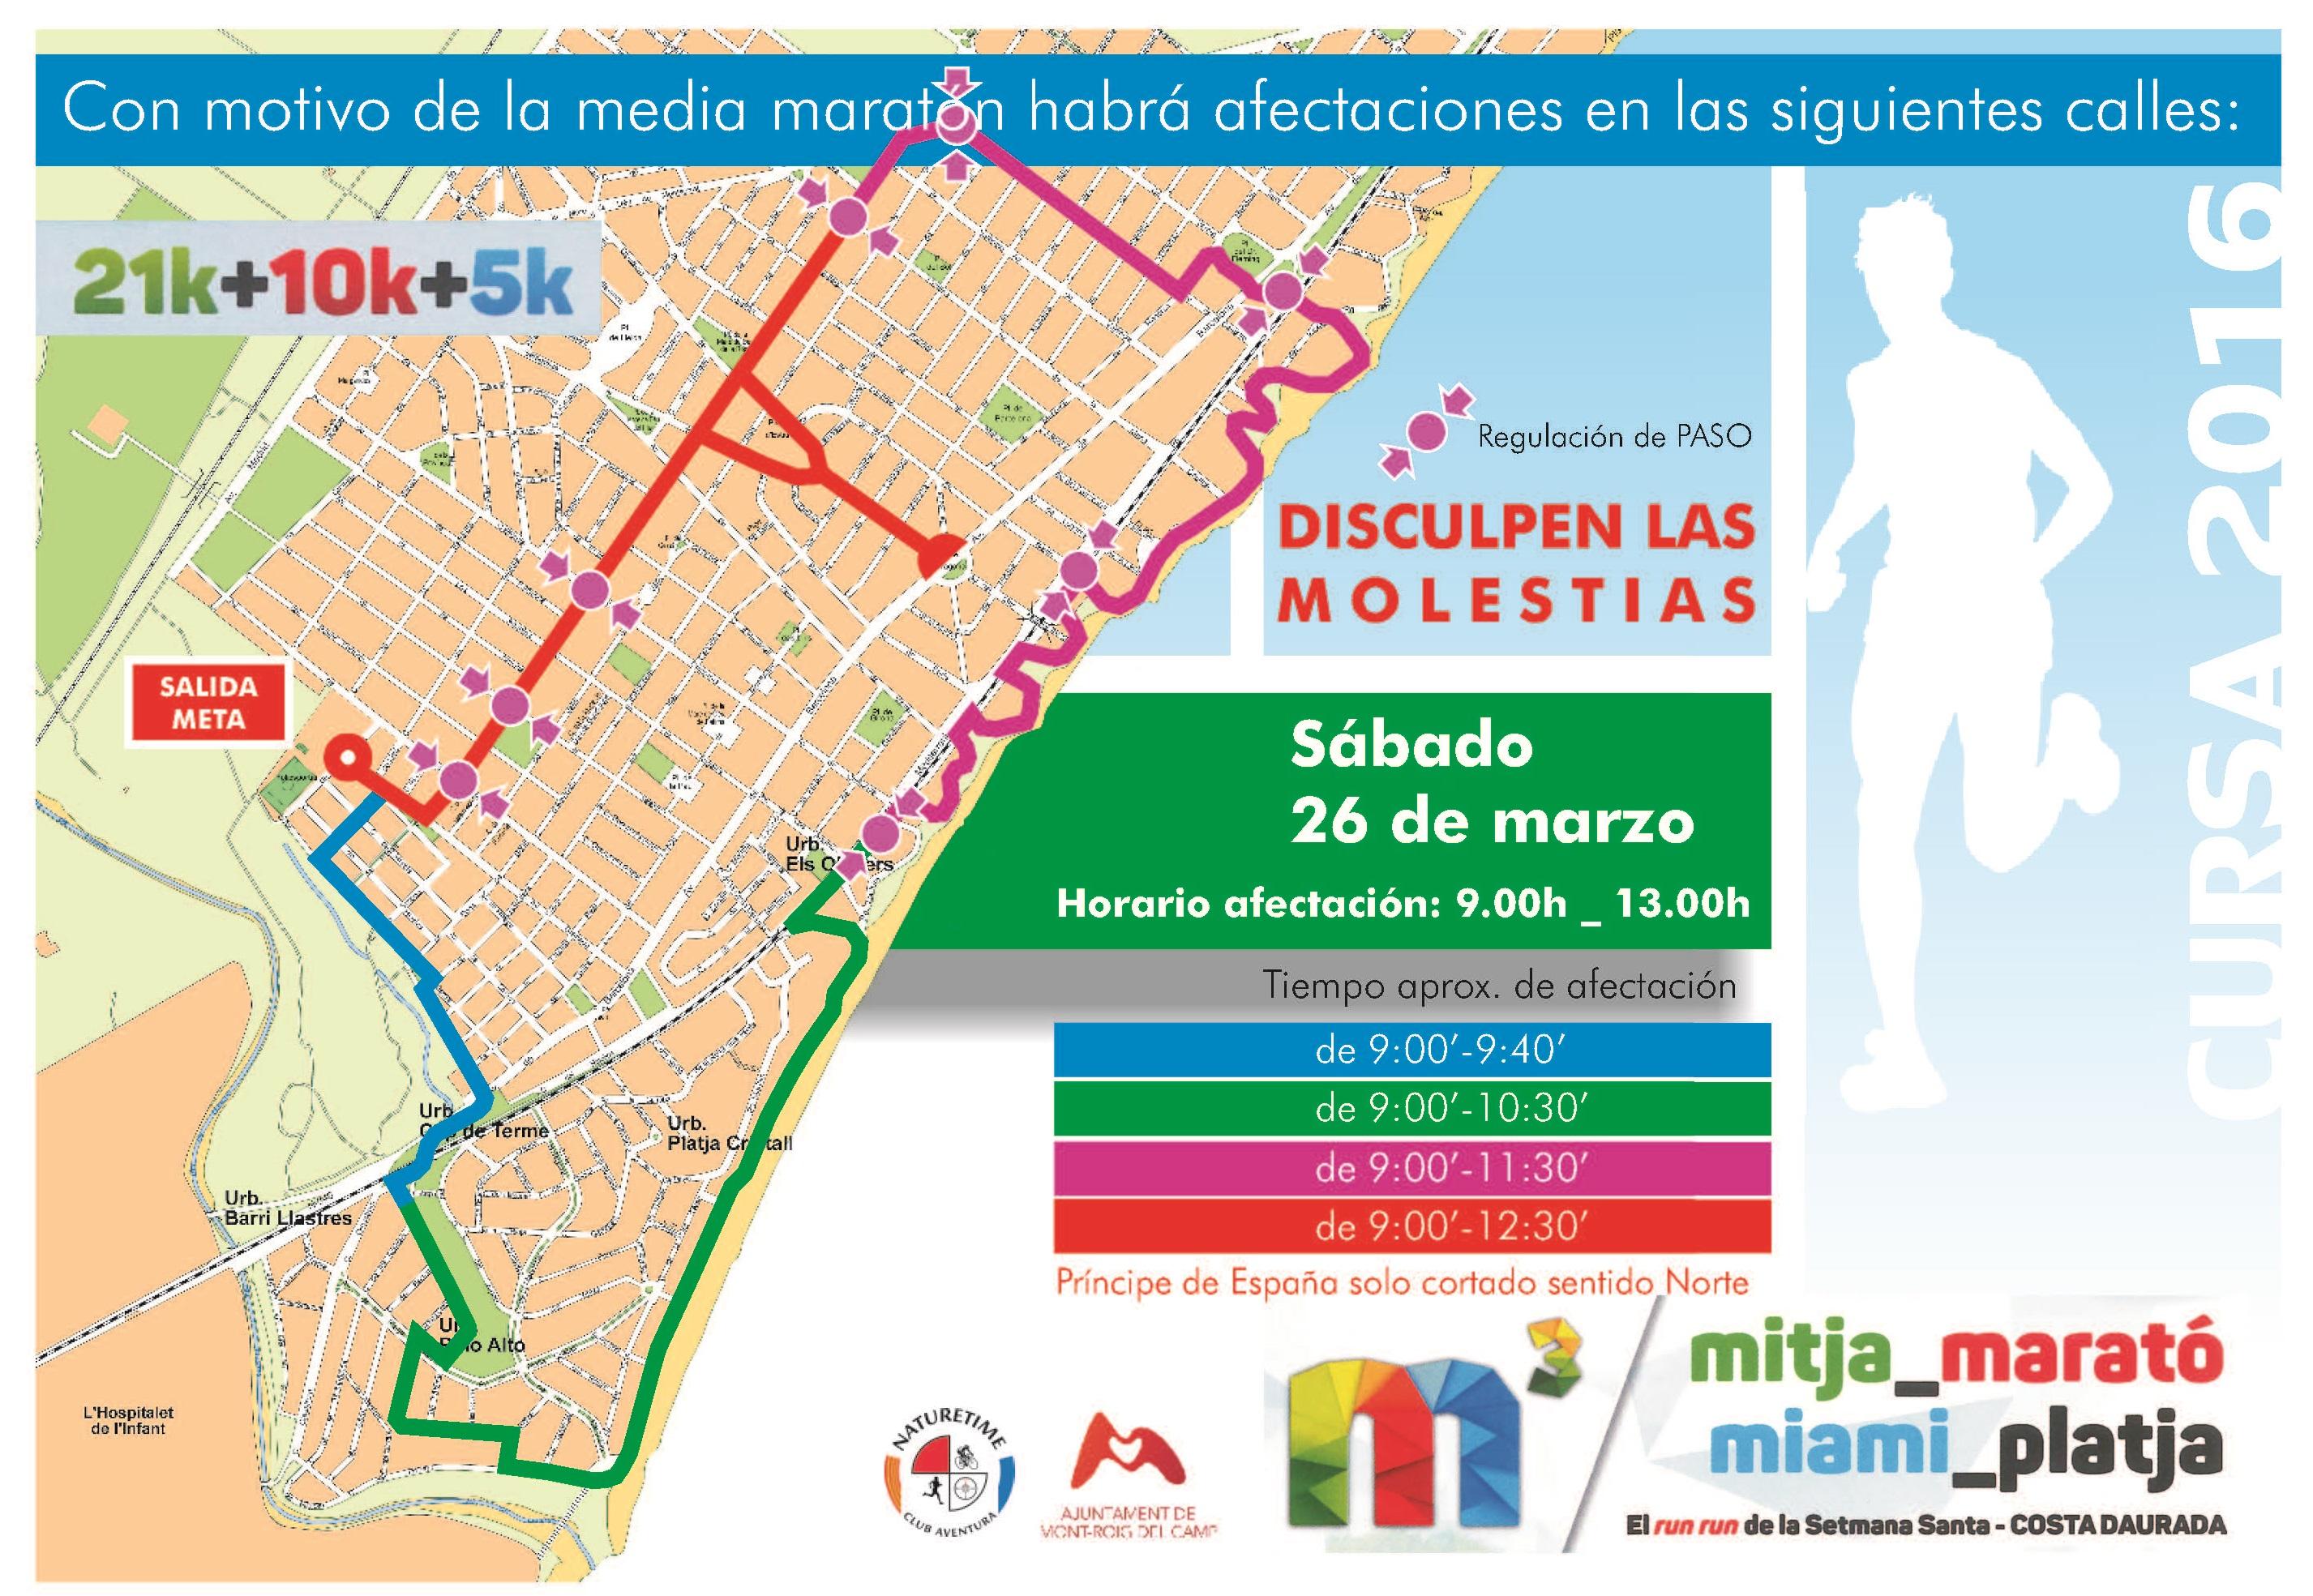 Afectaciones de calles Media Maratón de Miami Platja - Ajuntament de ...